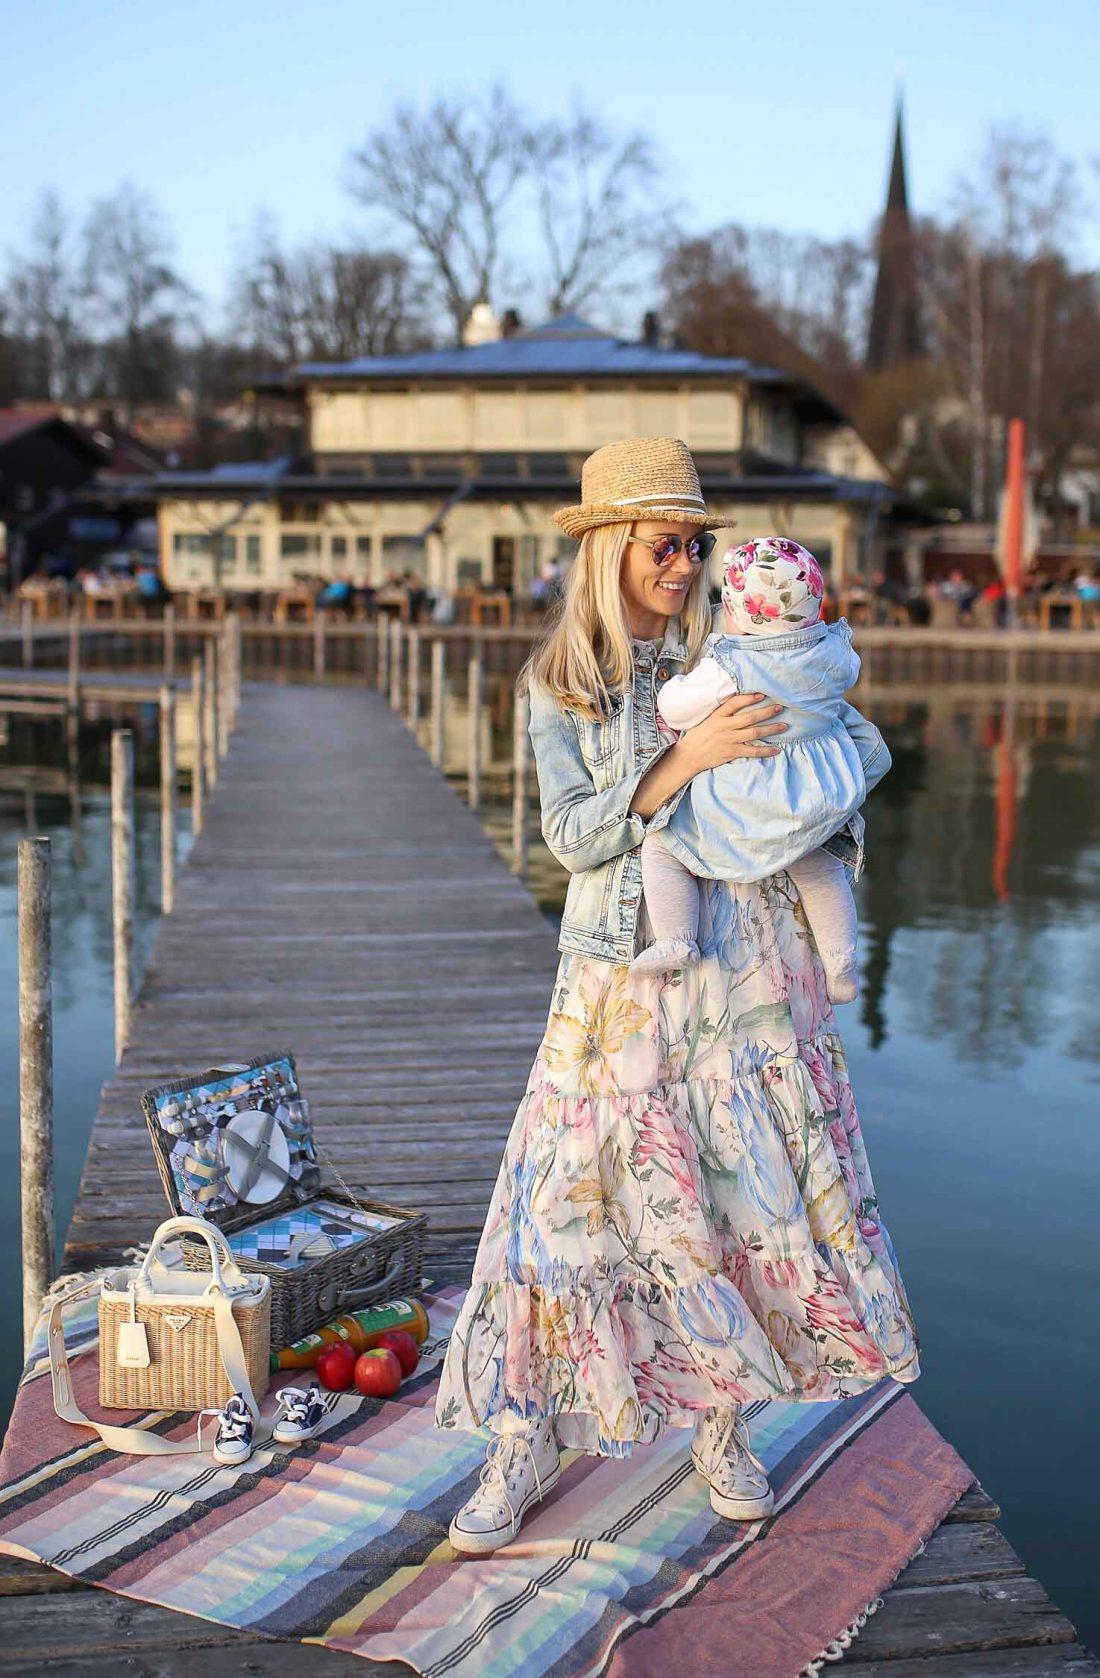 stylingliebe-lifestyleblogger-mamablog-fashionblog-muenchen-blogger-deutschland-lifestyleblog-mamablogger-fashionblogger-modeblog-was-waere-wenn-zukunftsgedanken-einer-mutter-6-1100x1678